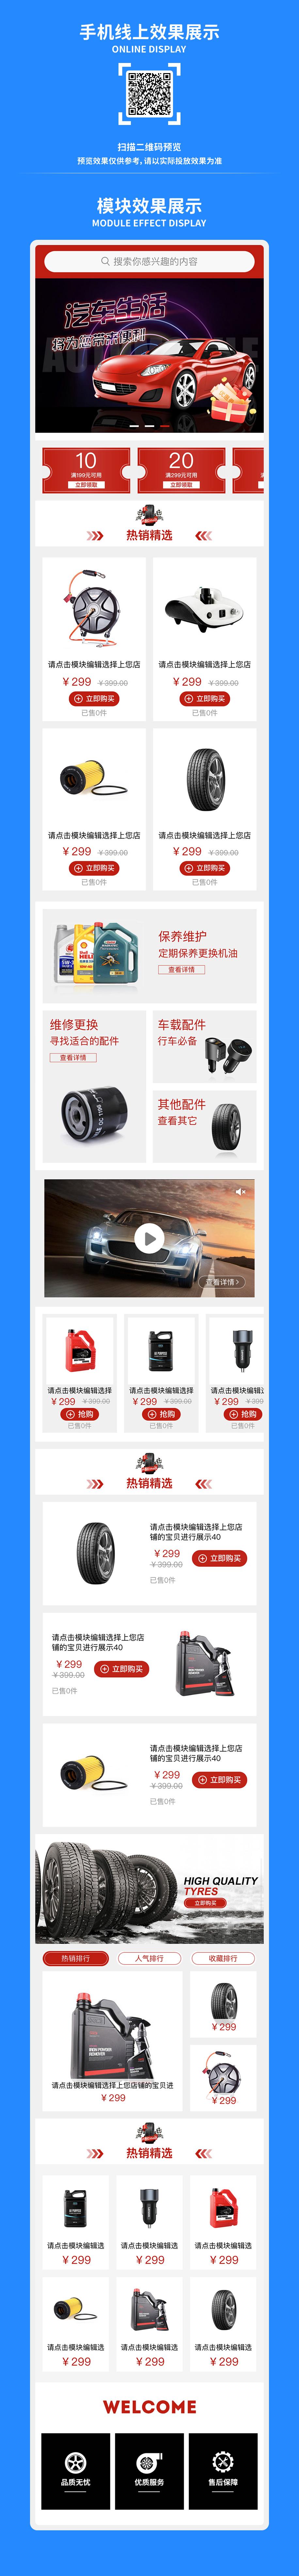 133汽车用品智慧零售-第二屏介绍.jpg